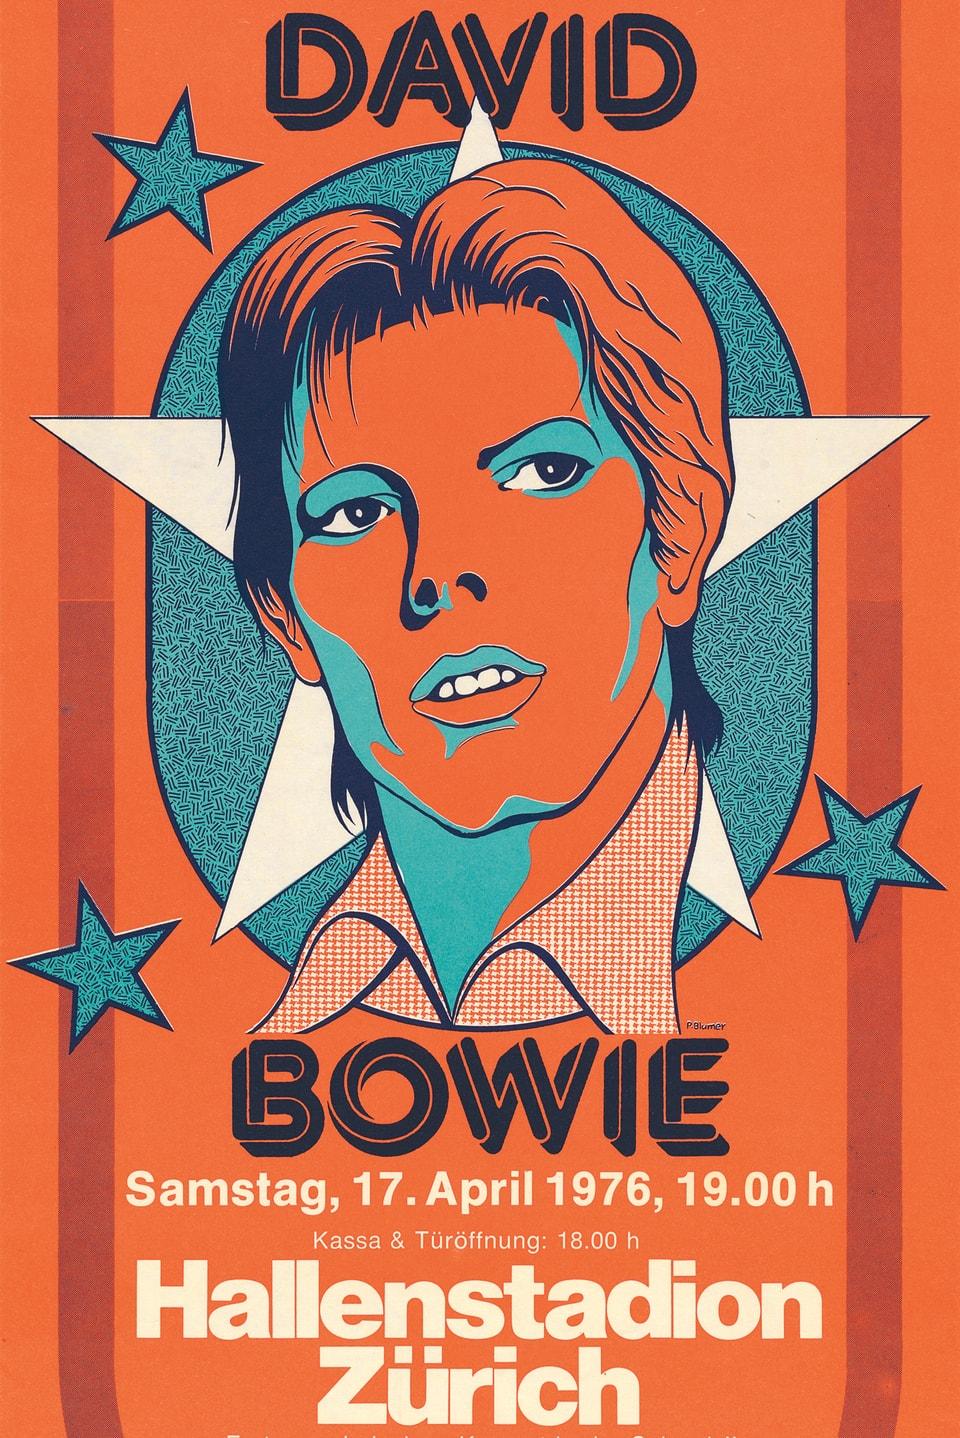 Konzertplakat von David Bowie